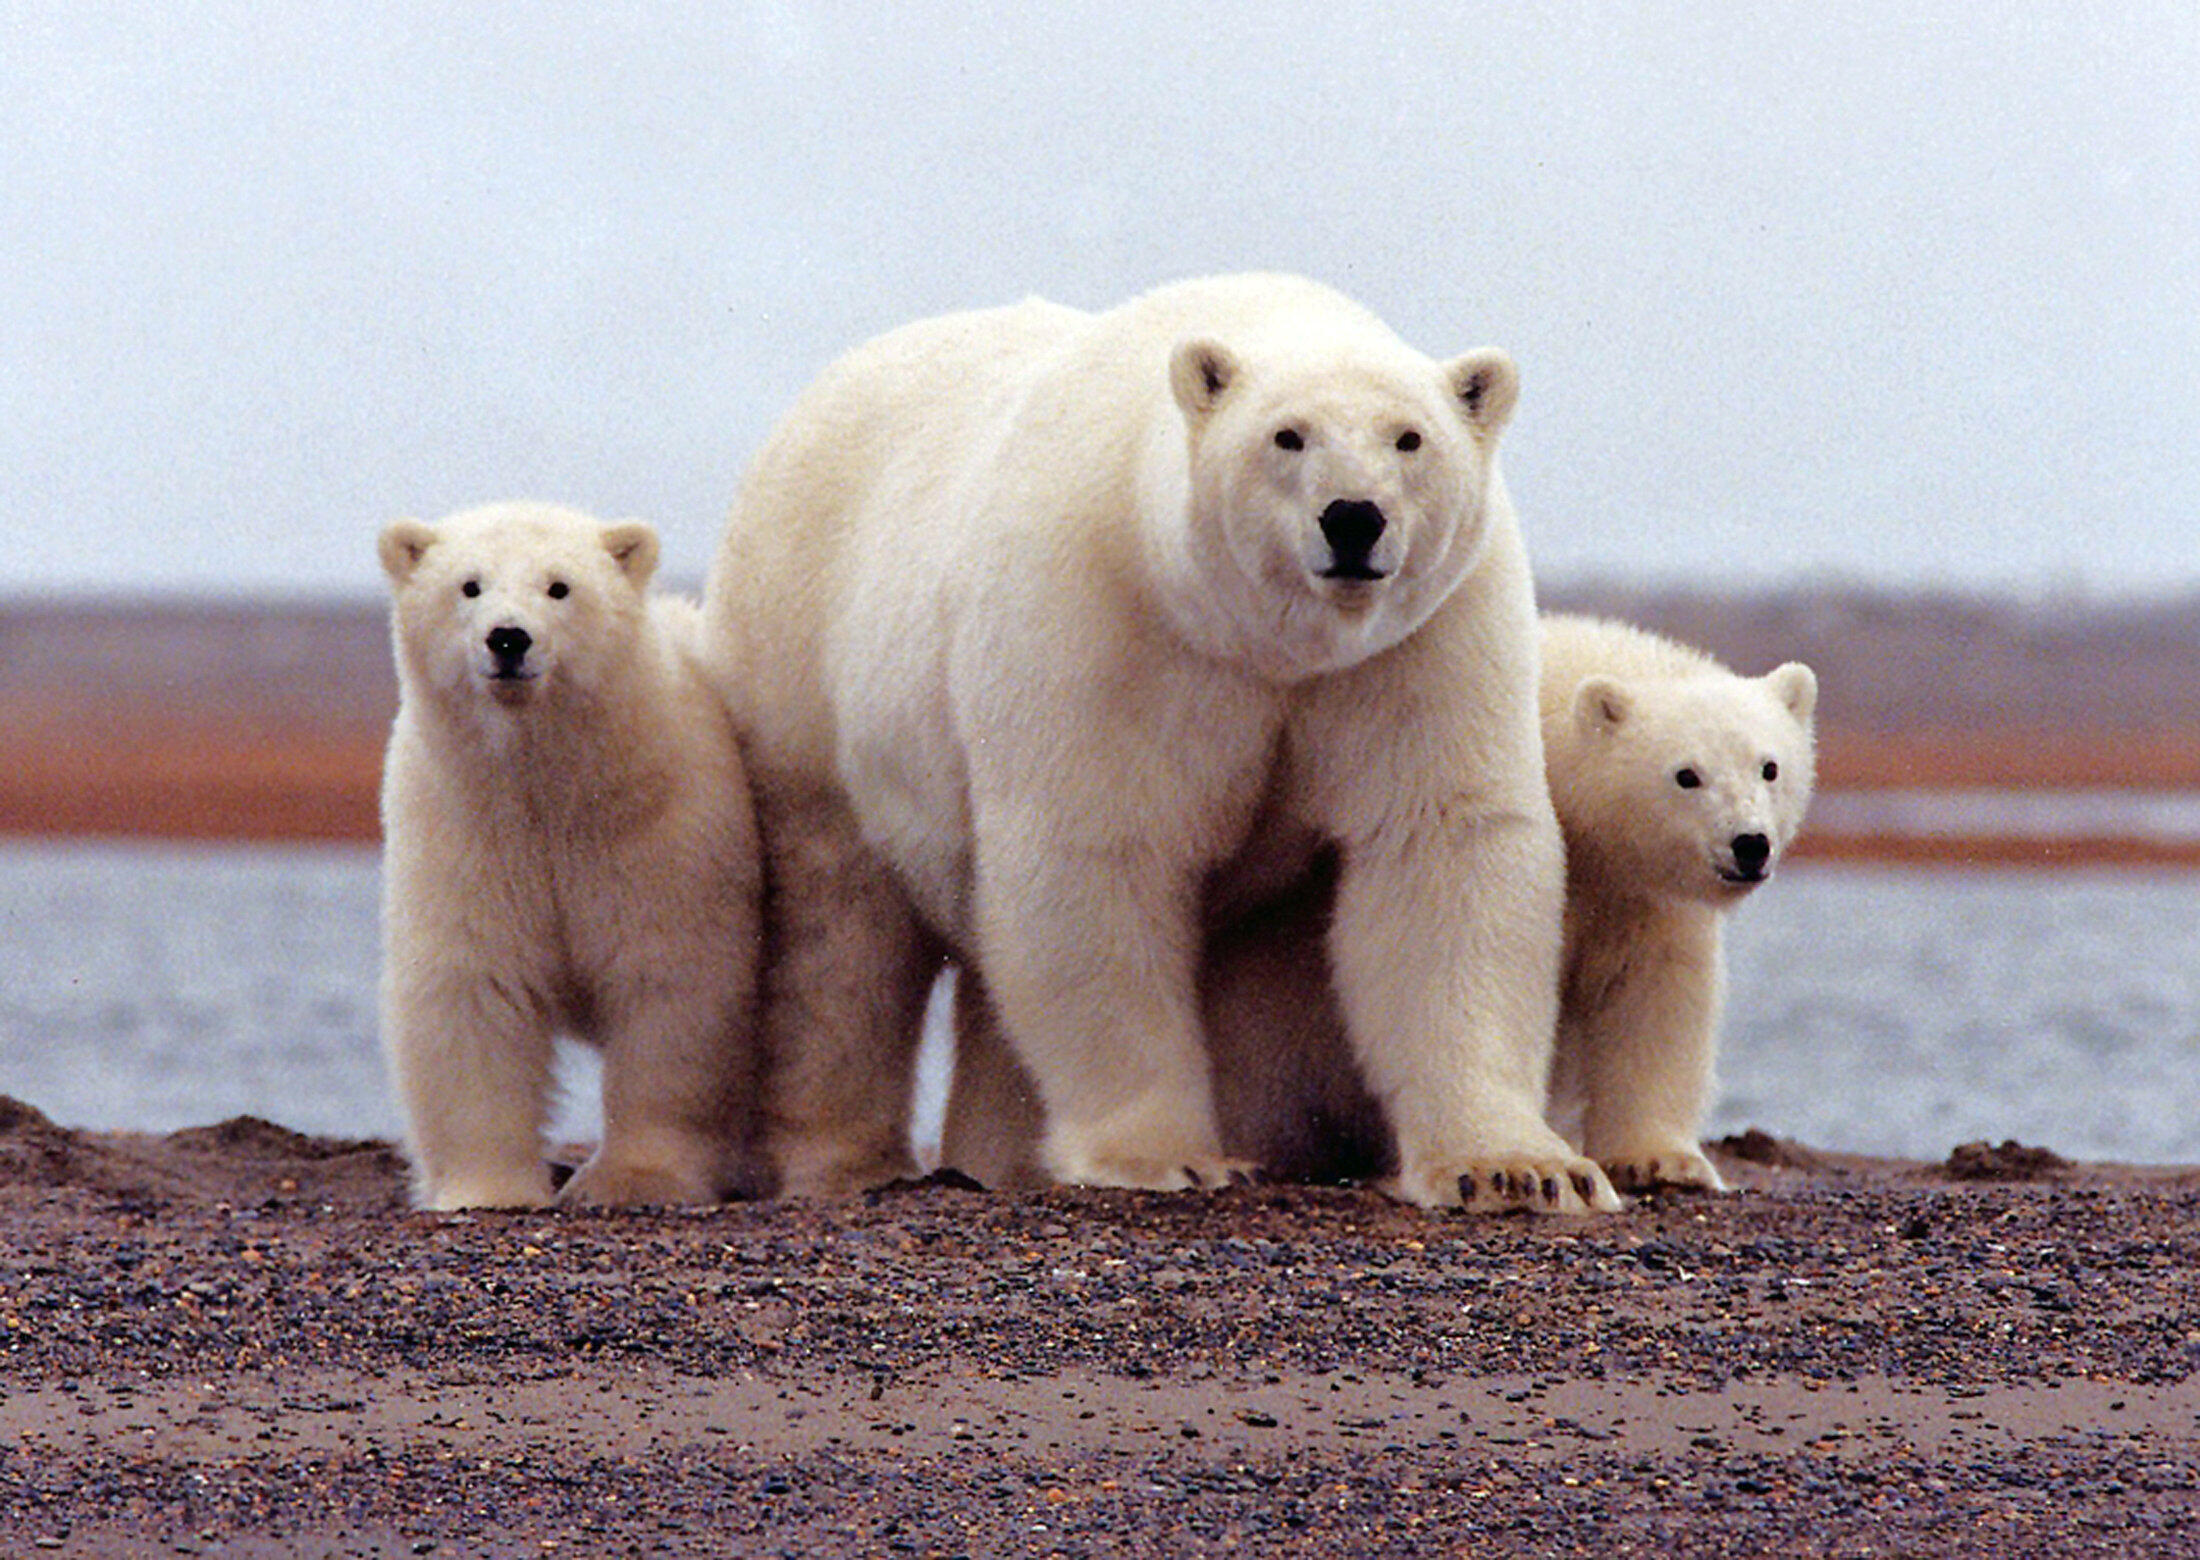 Полярные медведи - первые жертвы глобального потепления в Арктике.